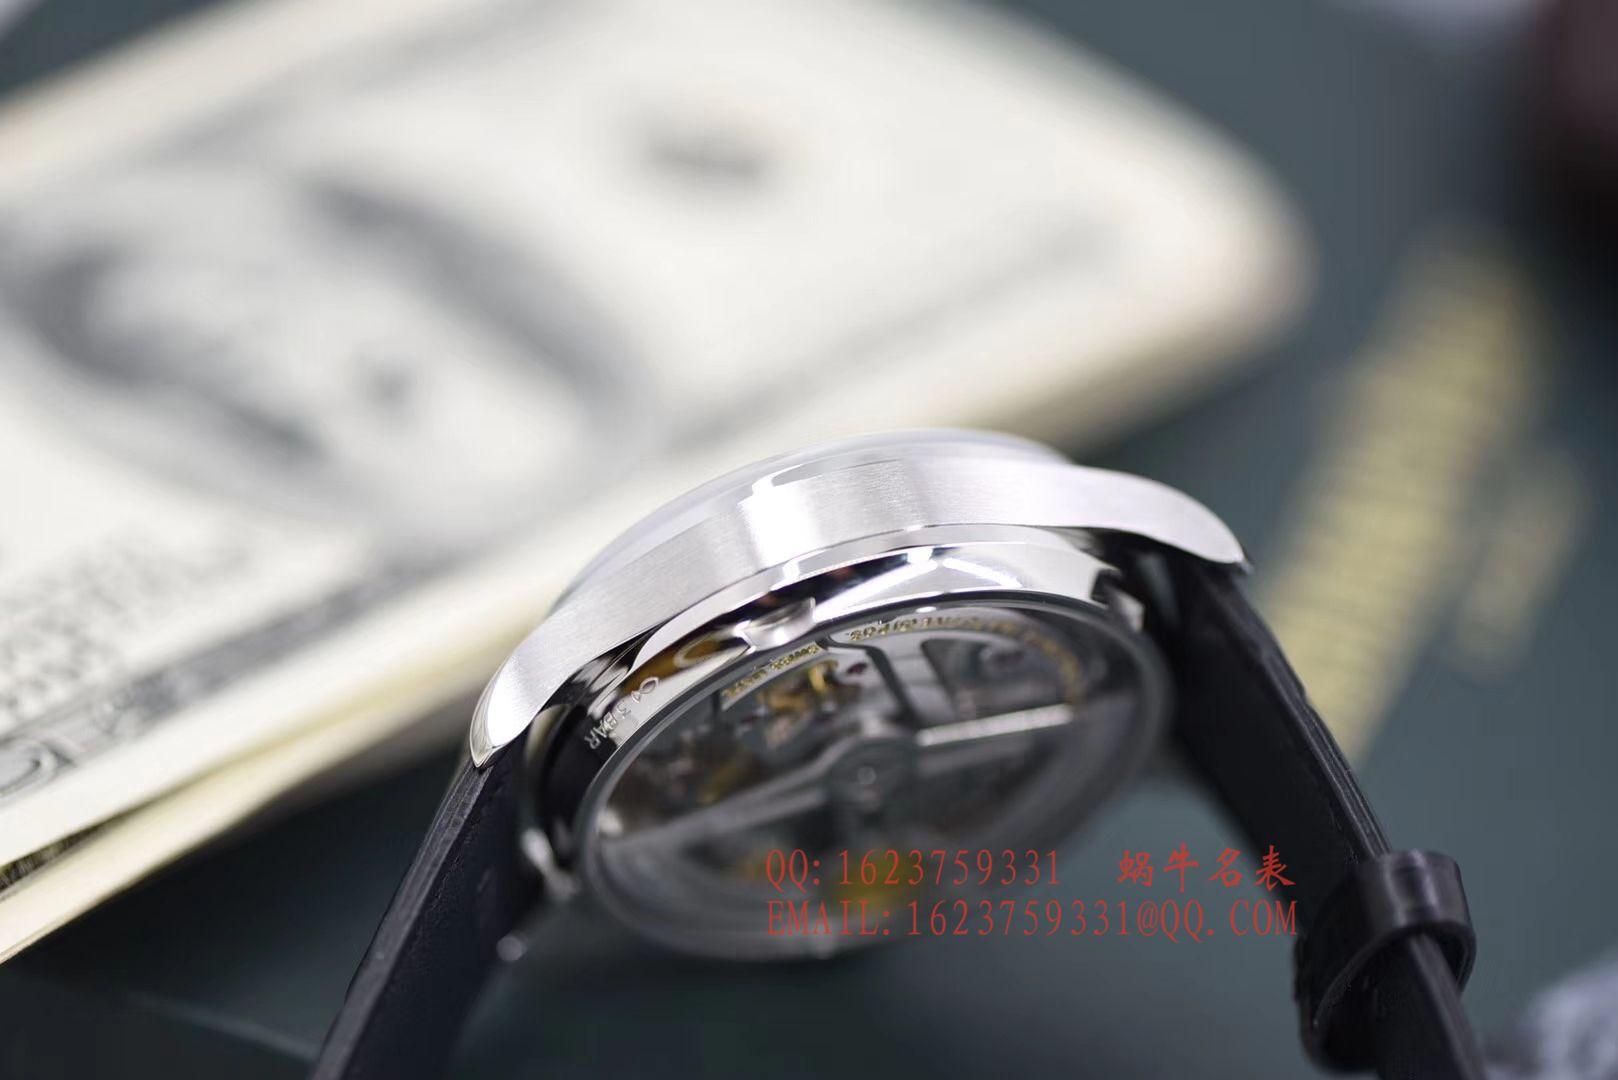 视频评测IWC万国表葡萄牙系列IW500710腕表【ZF一比一精仿万国葡七手表】万国葡七V5最高版本新品